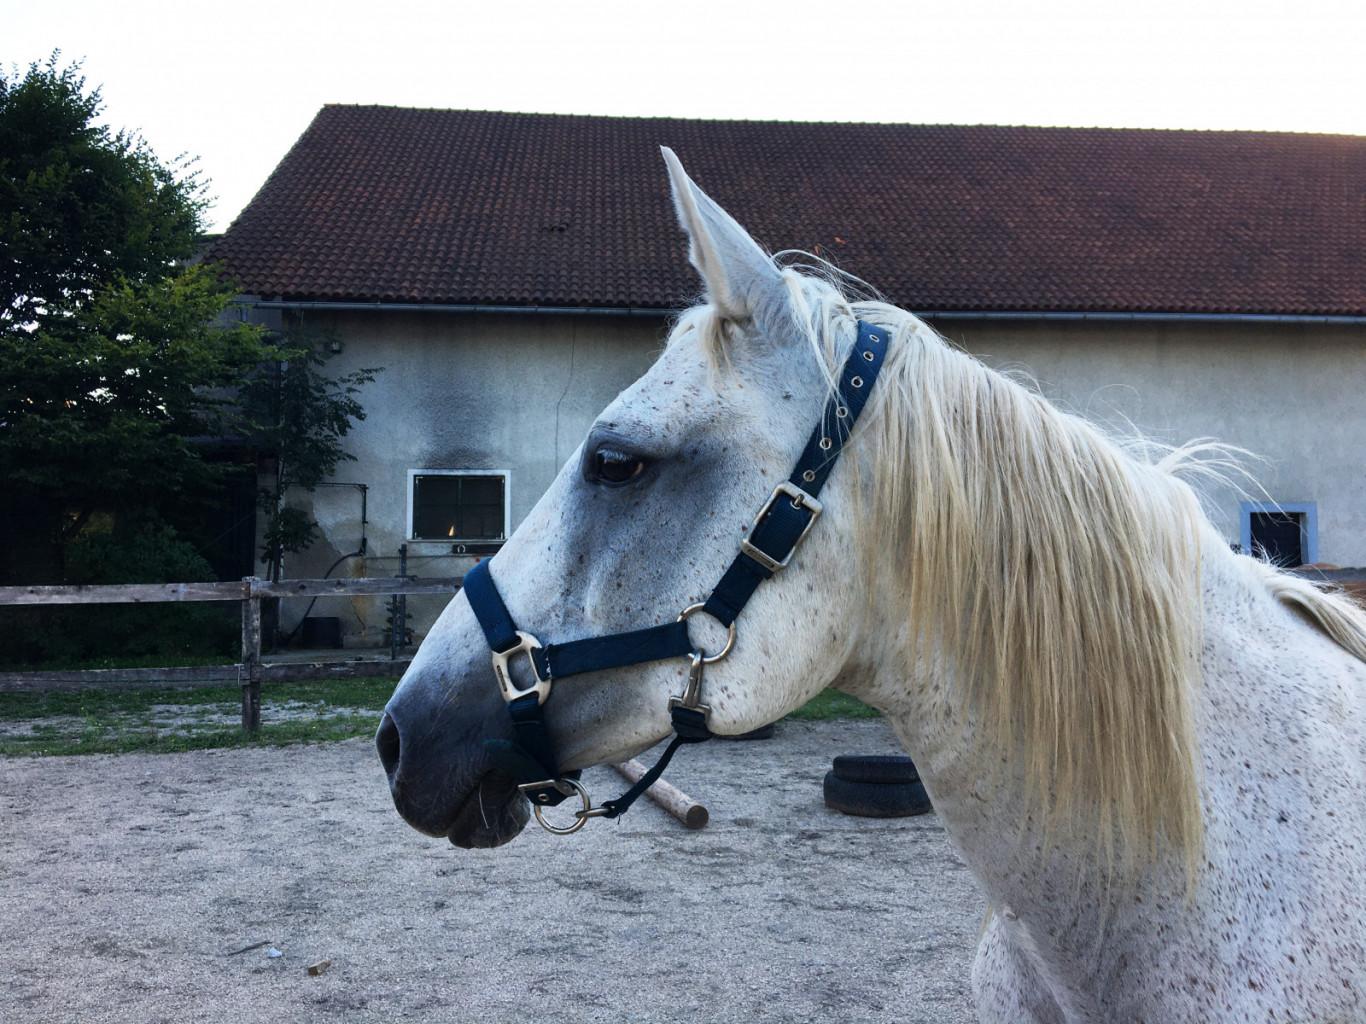 Kljub temu, da imajo starejši konji po navadi več zdravstvenih težav, so pogosto pravi zaklad. Z ustrezno skrbjo lahko poskrbimo za to, da bodo konji tudi v zrelih letih vitalni in zadovoljni.